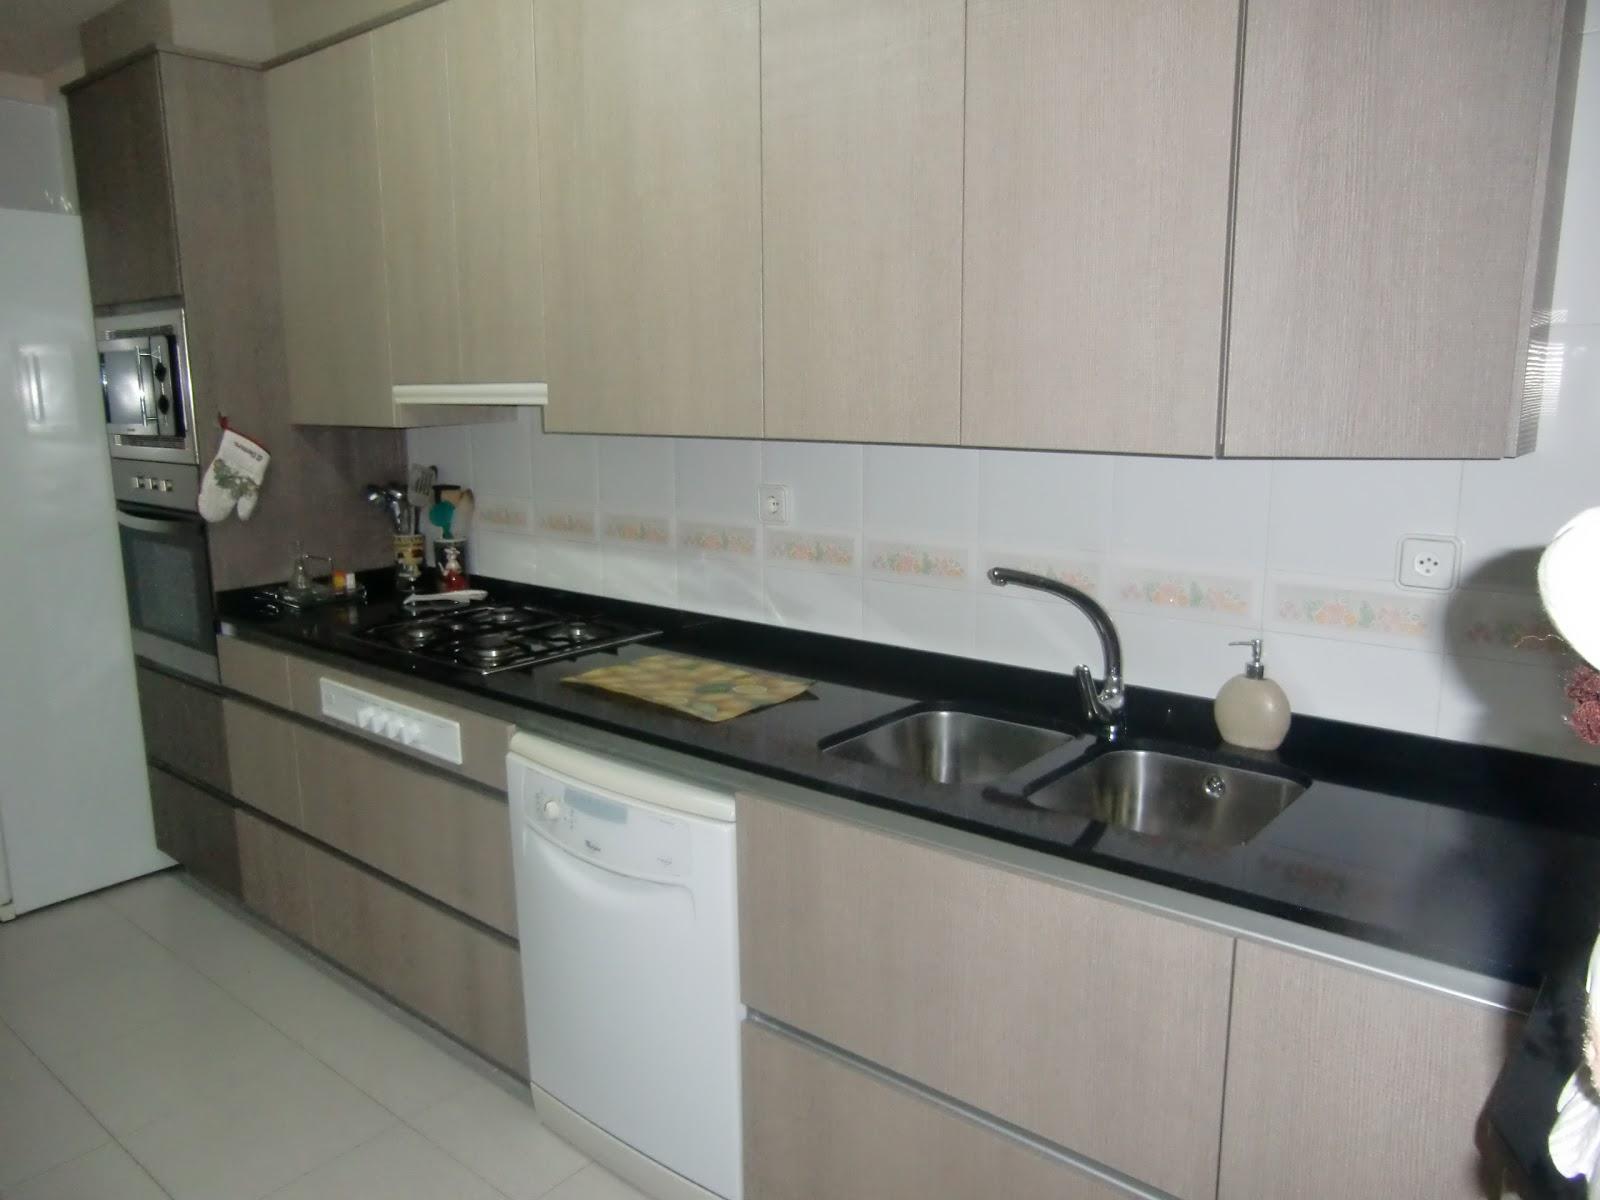 REUSCUINA: Muebles de cocina sin tiradores (gola)